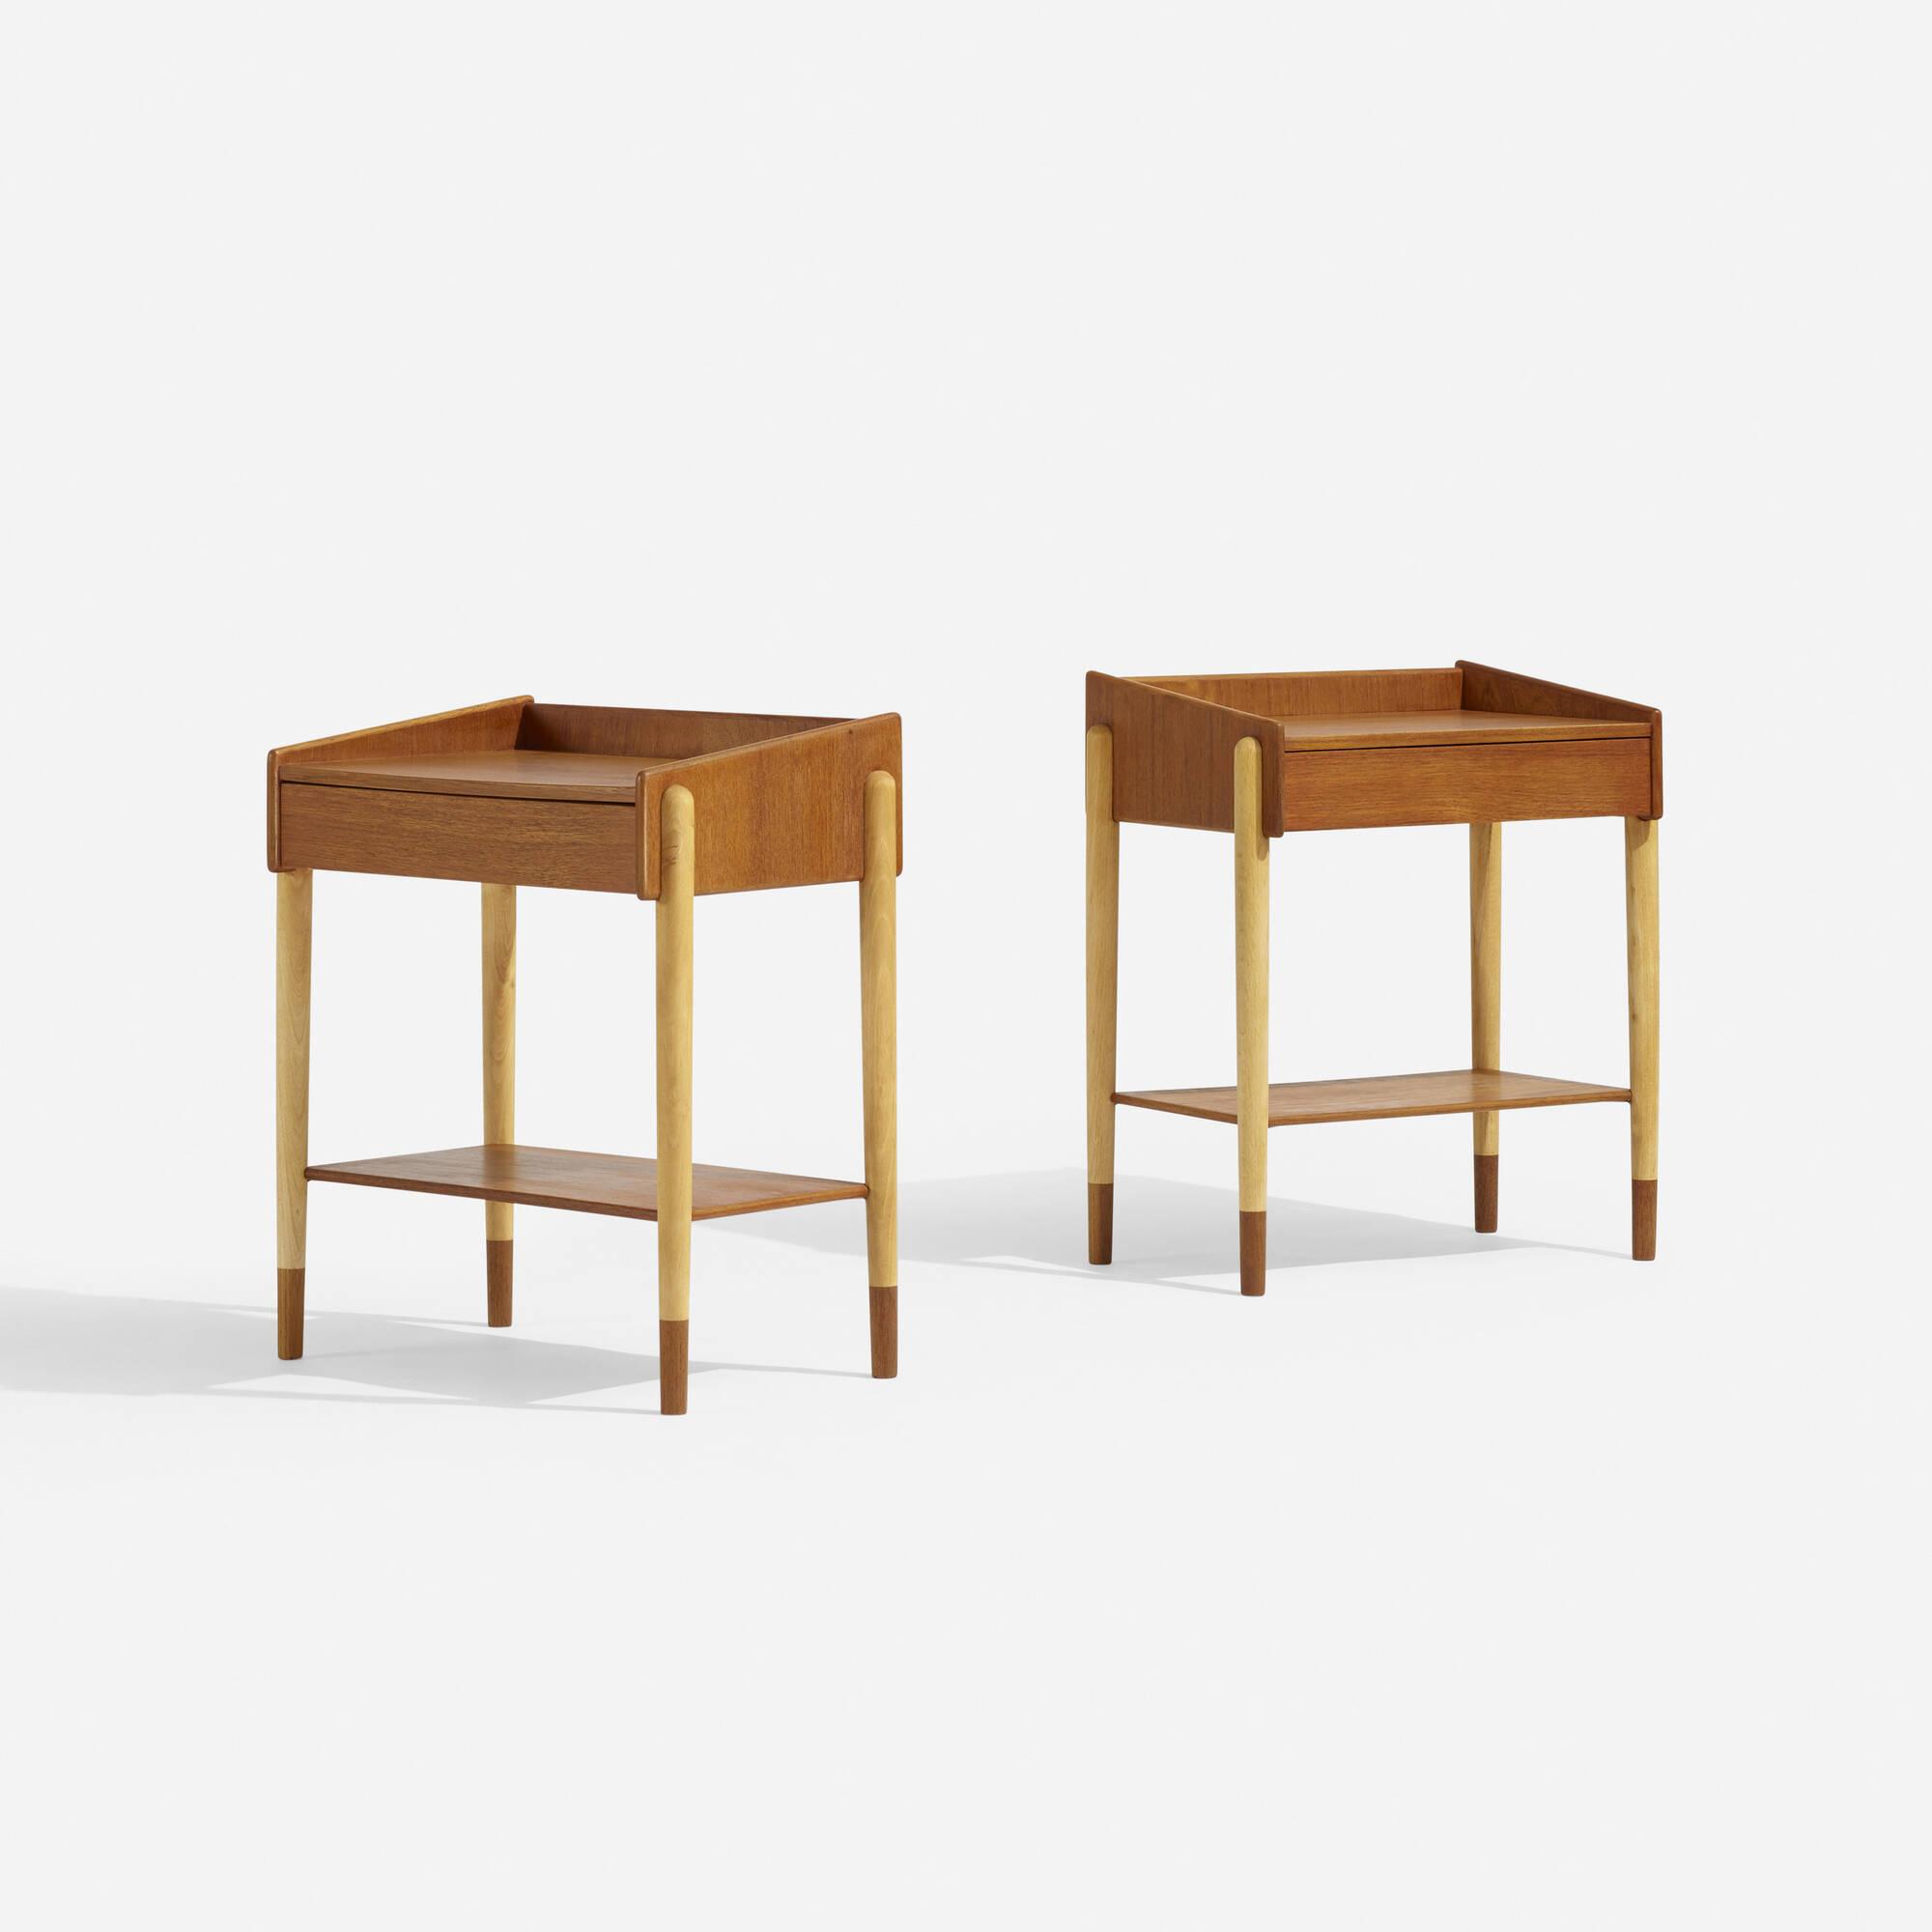 612: Børge Mogensen / nightstands model 148, pair (1 of 2)